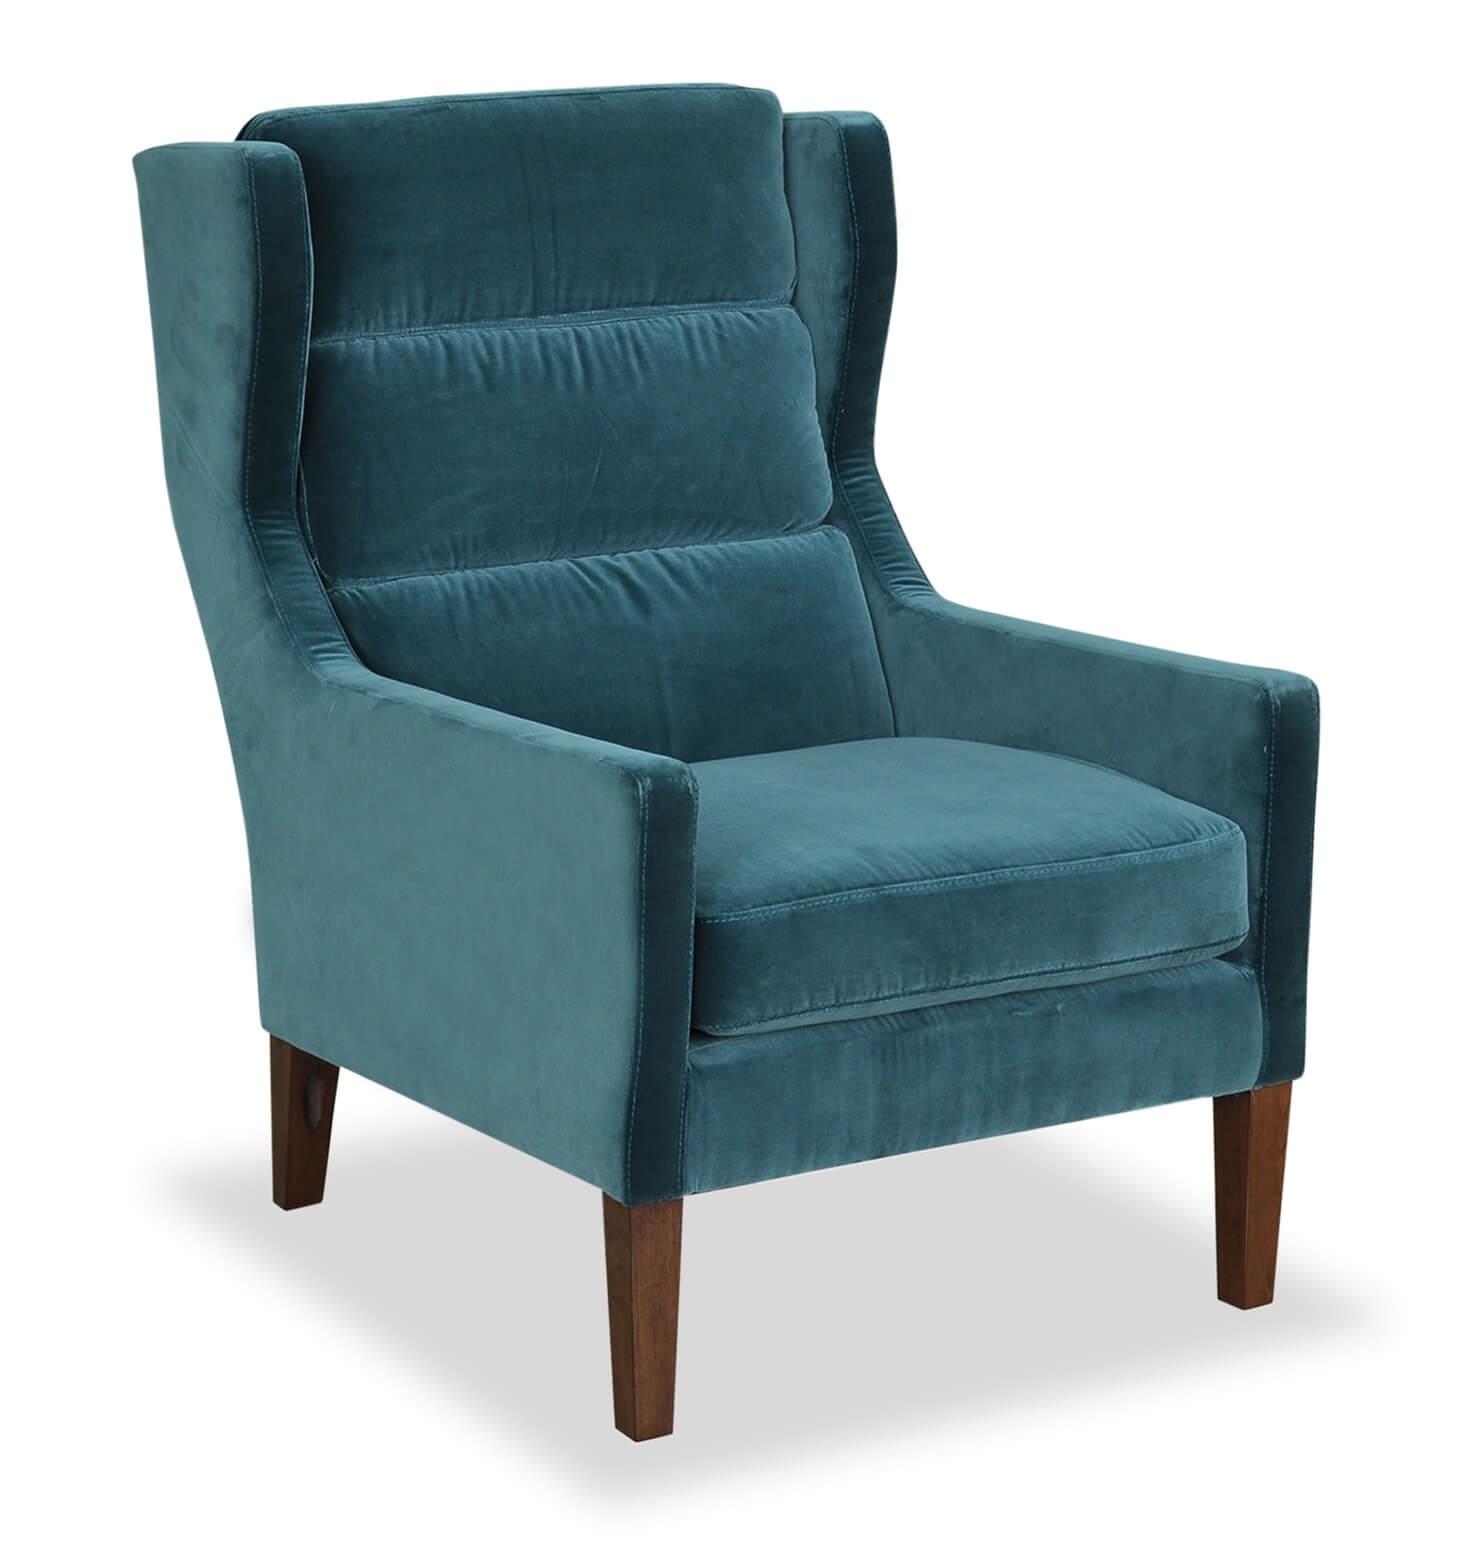 дизайнерское кресло Borge